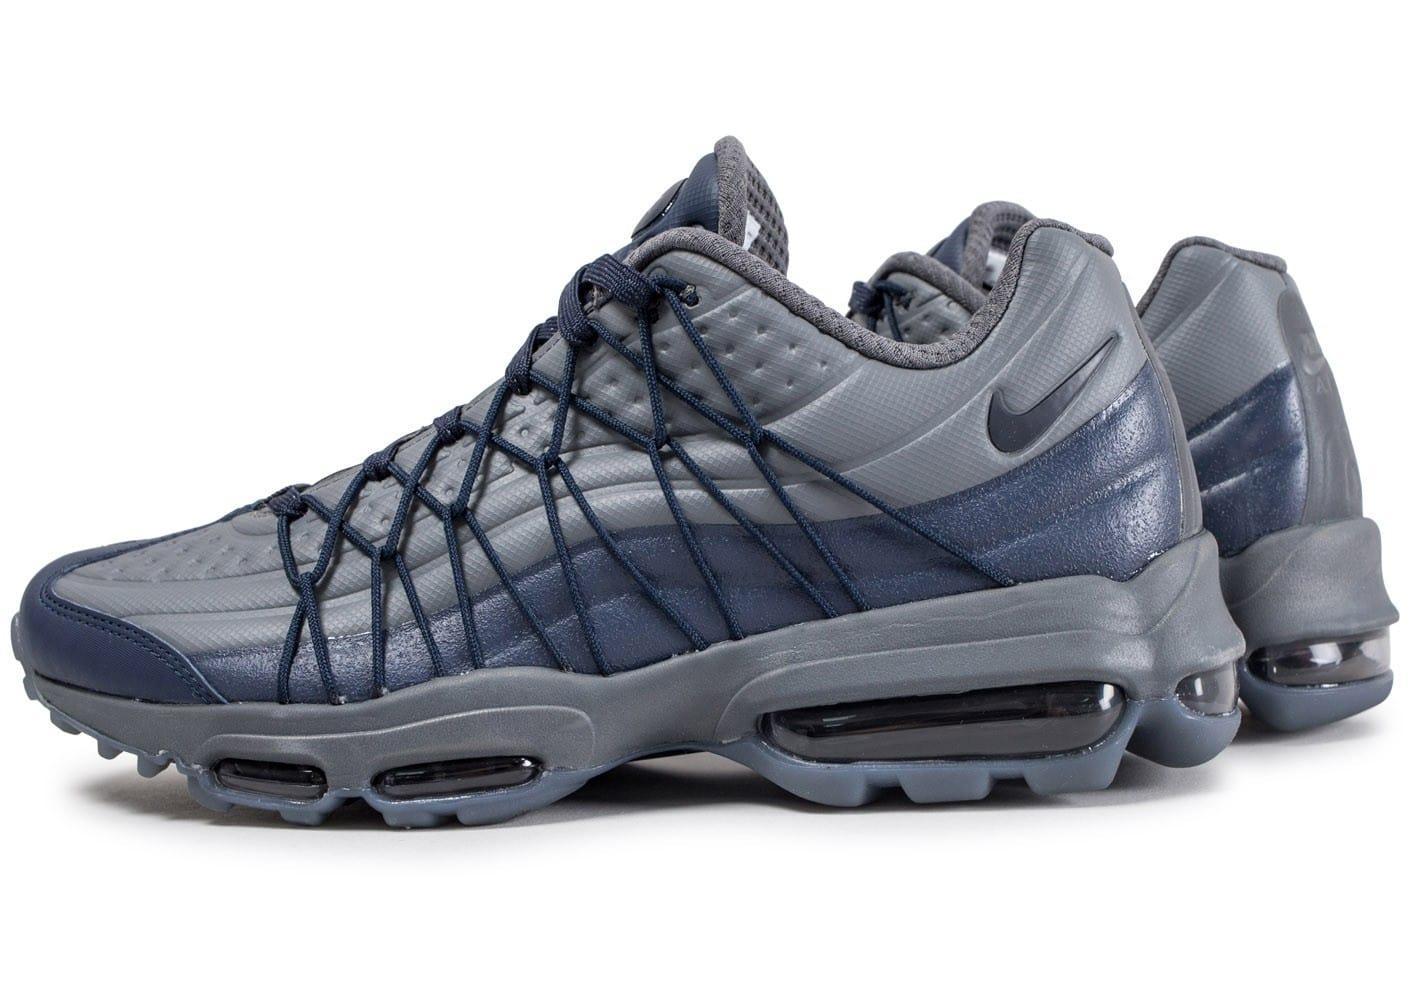 a6914f35ca9 Prix de gros air max 95 gris bleu France vente en ligne